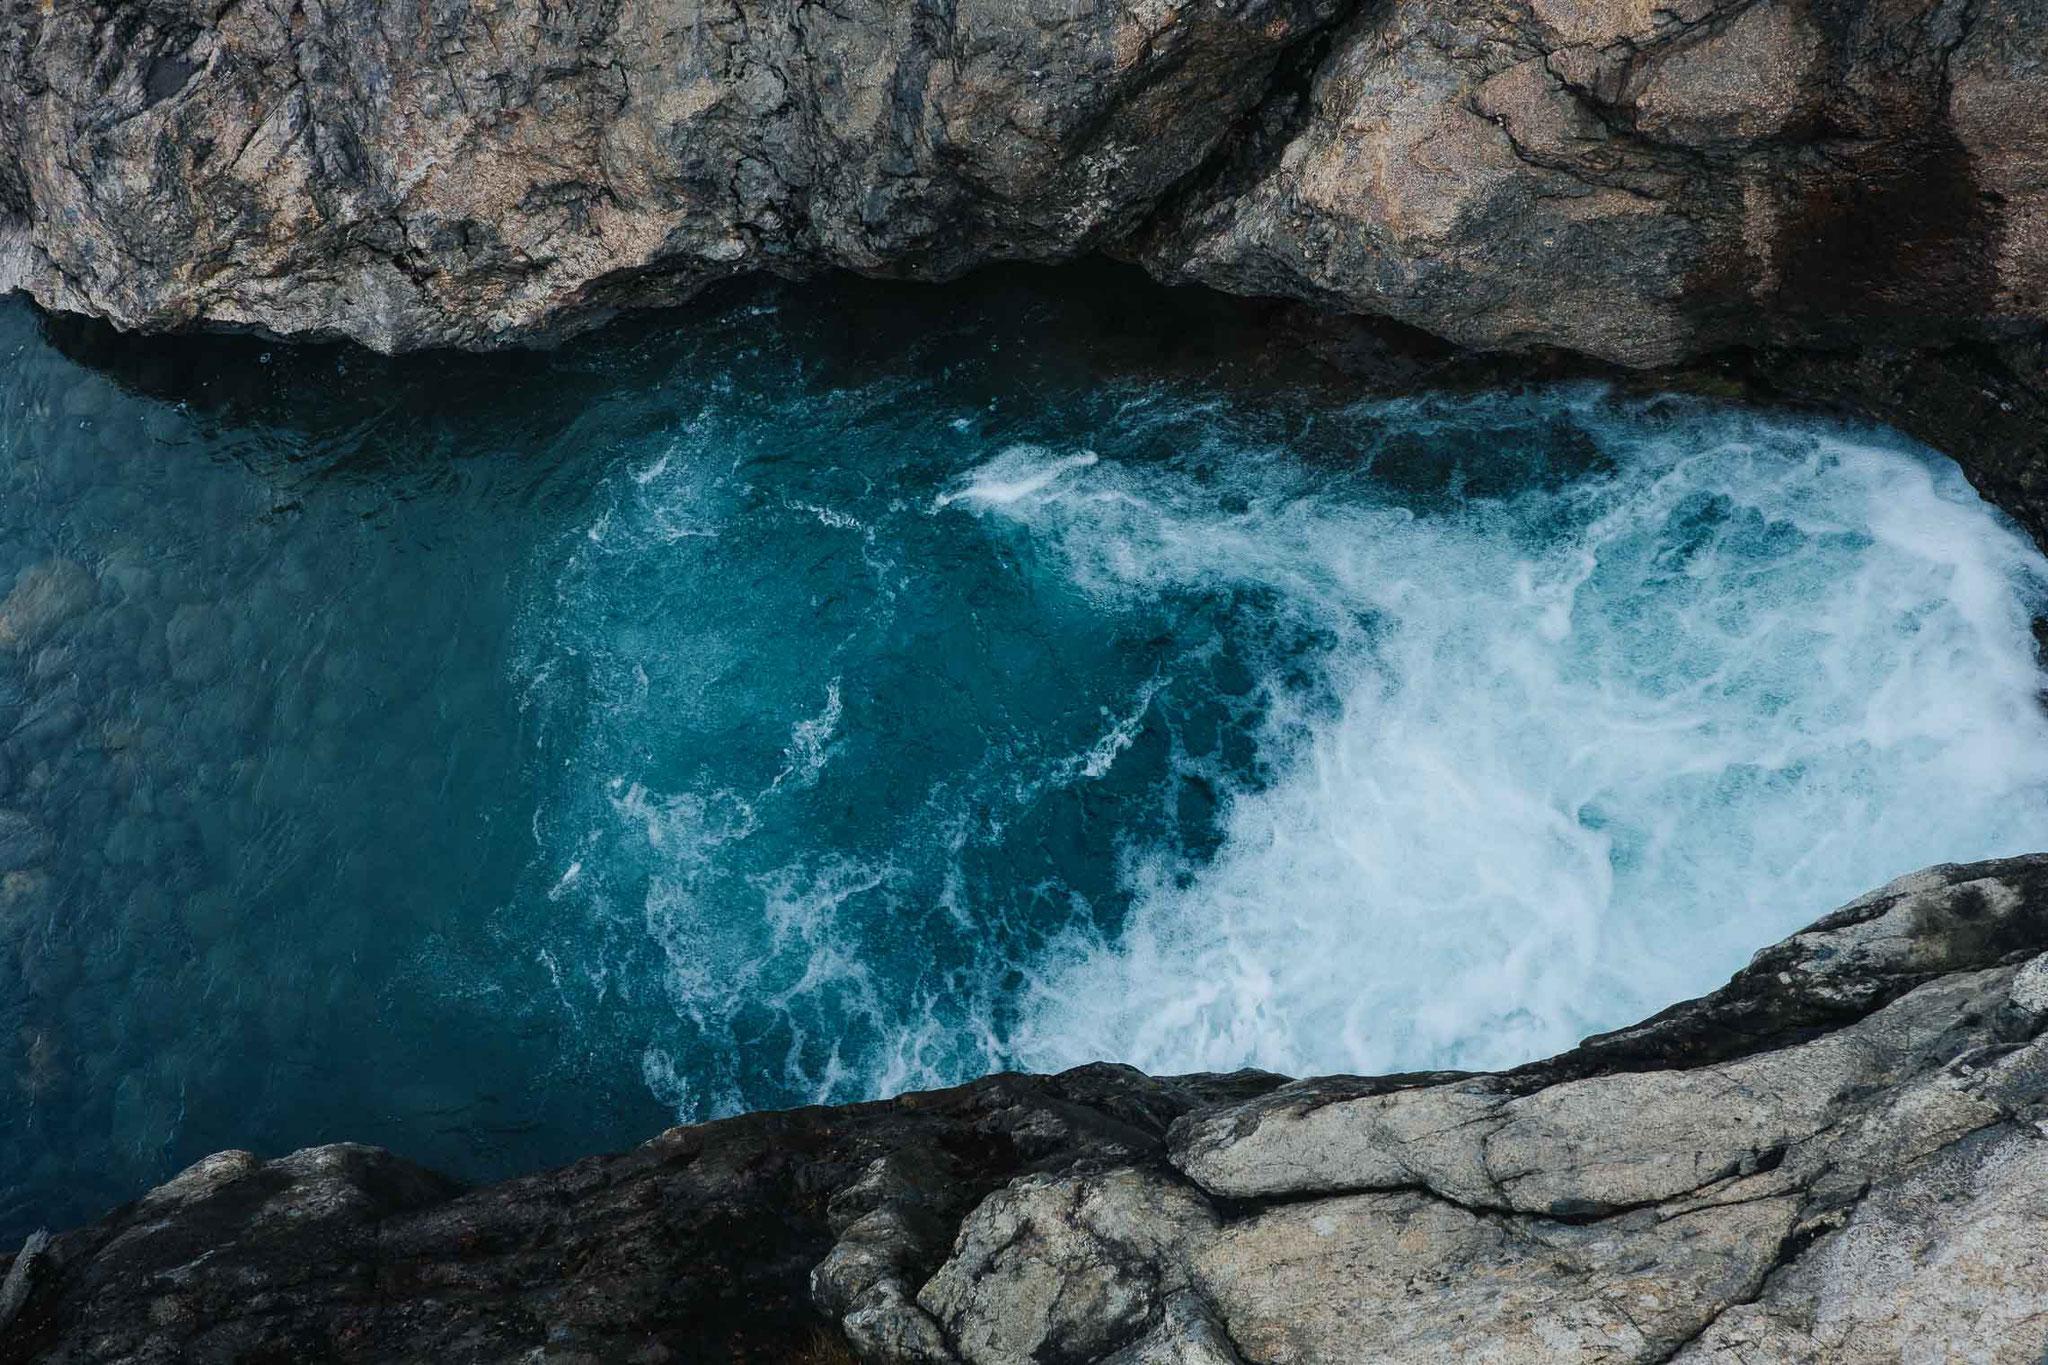 Gletscherwasser stürzt ins Tal hinab